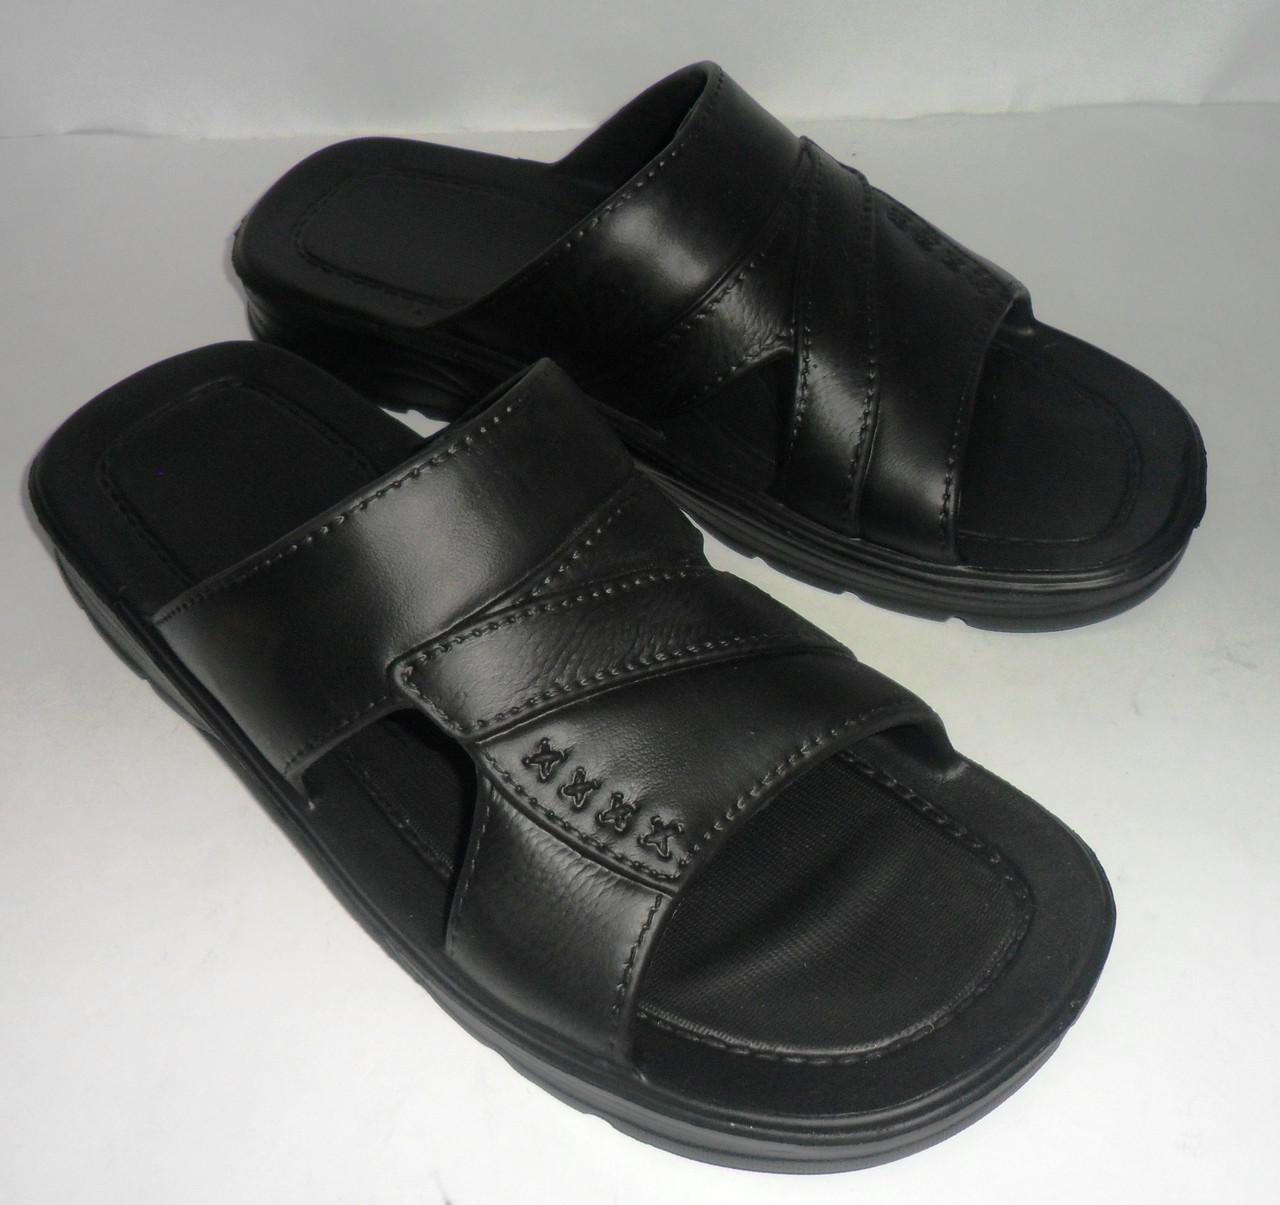 8eccf88bf21b Резиновые шлепанцы ЕВА танкетка - Интернет-магазин обуви и белья